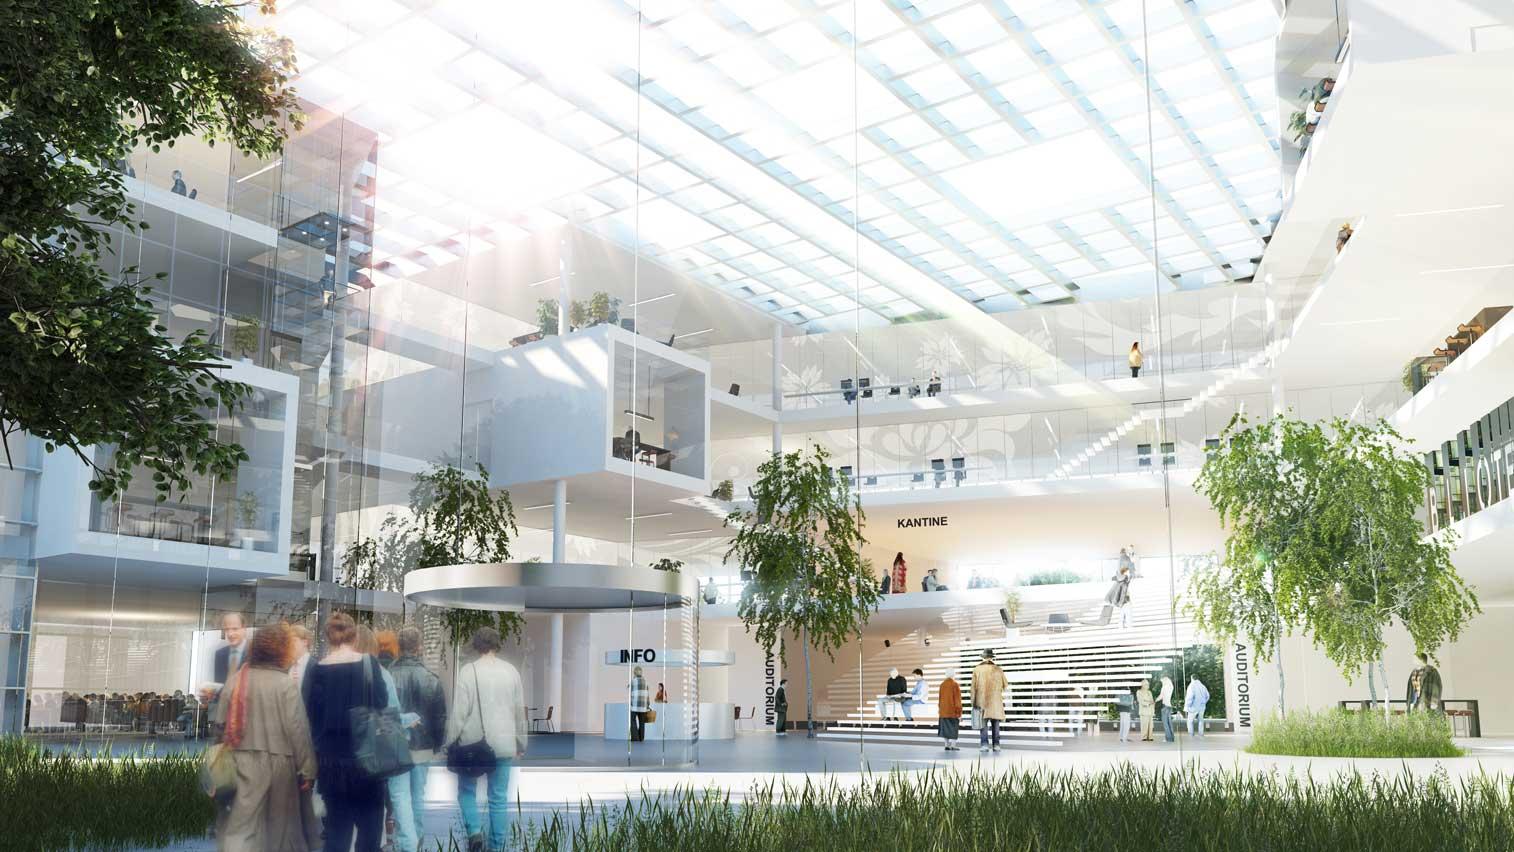 Odense University Hospital by Henning Larsen Architects